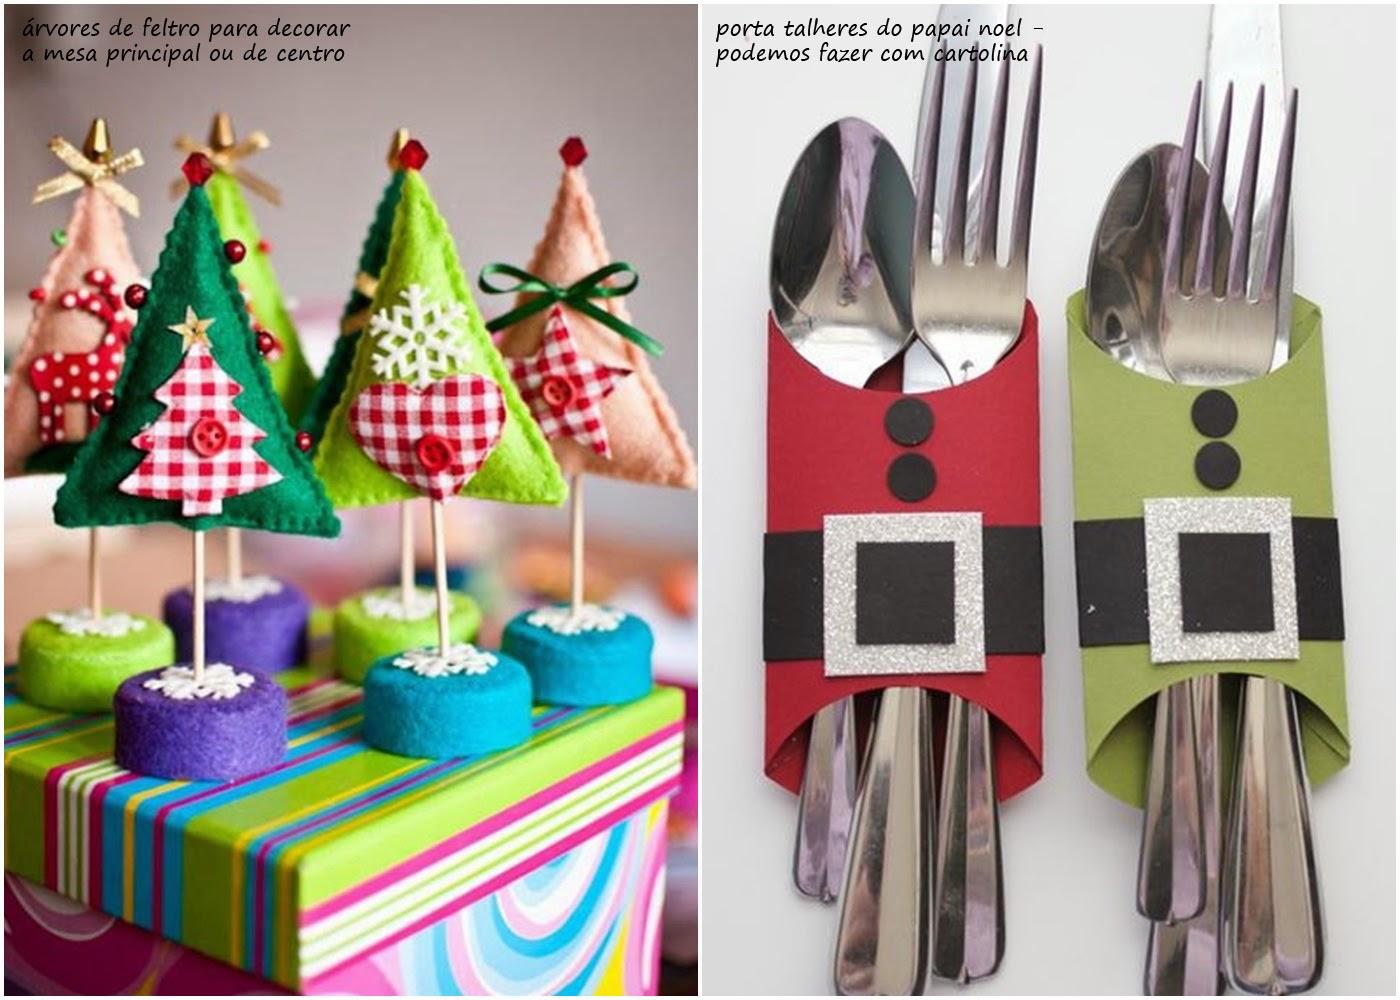 decoracao de arvore de natal simples e barata:é bem simples e barata . Vejam que fofo essas árvores de feltro e